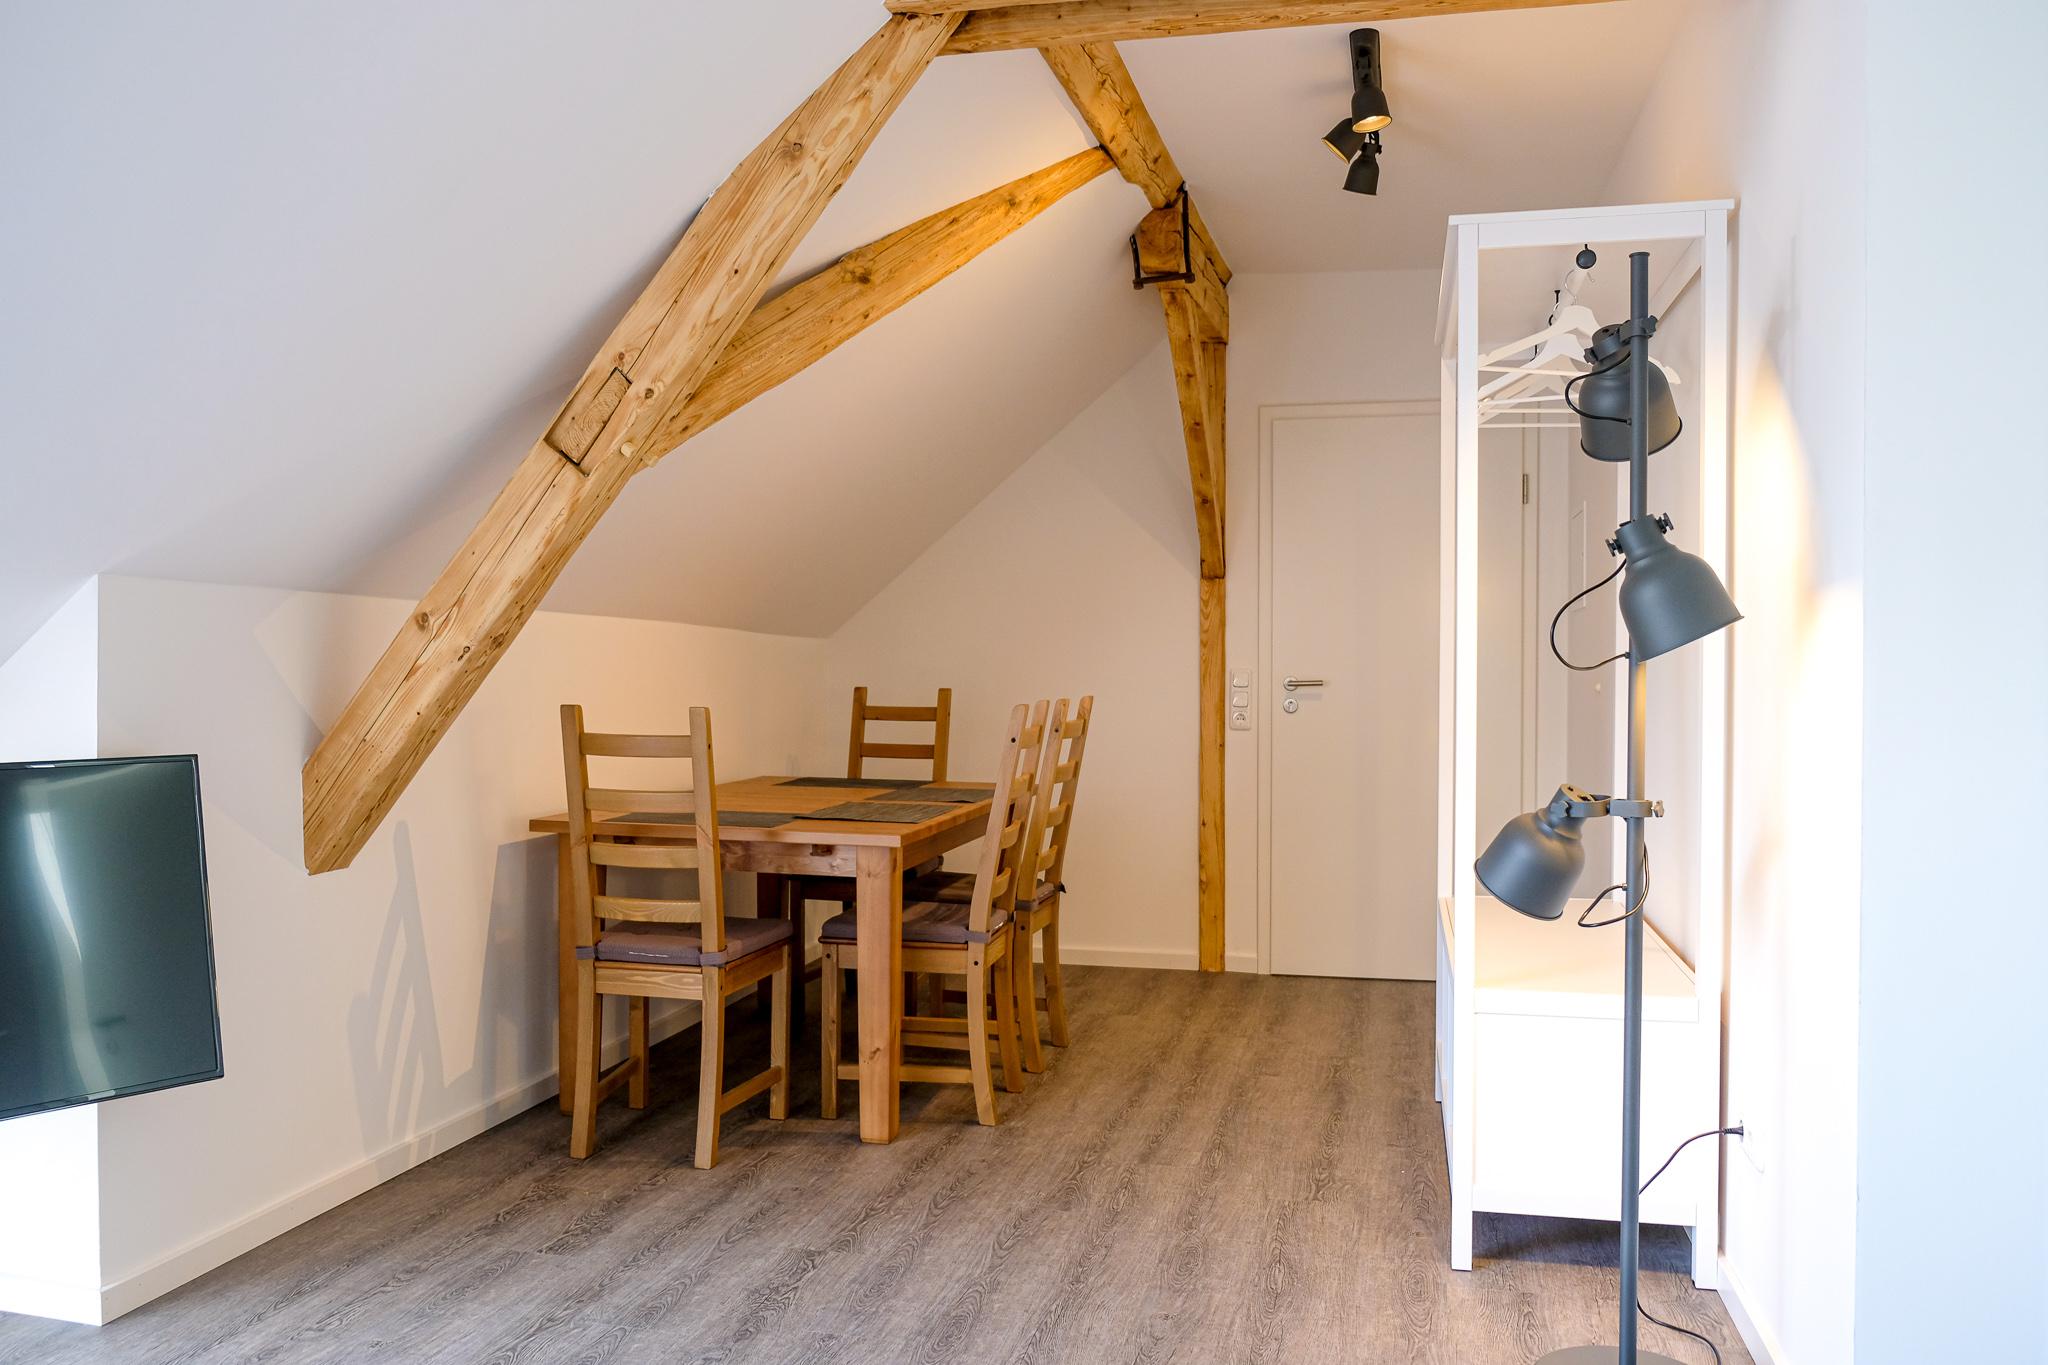 Familienurlaub in Ostfriesland an der Nordsee mit Thalasso & Wellness Anwendungen